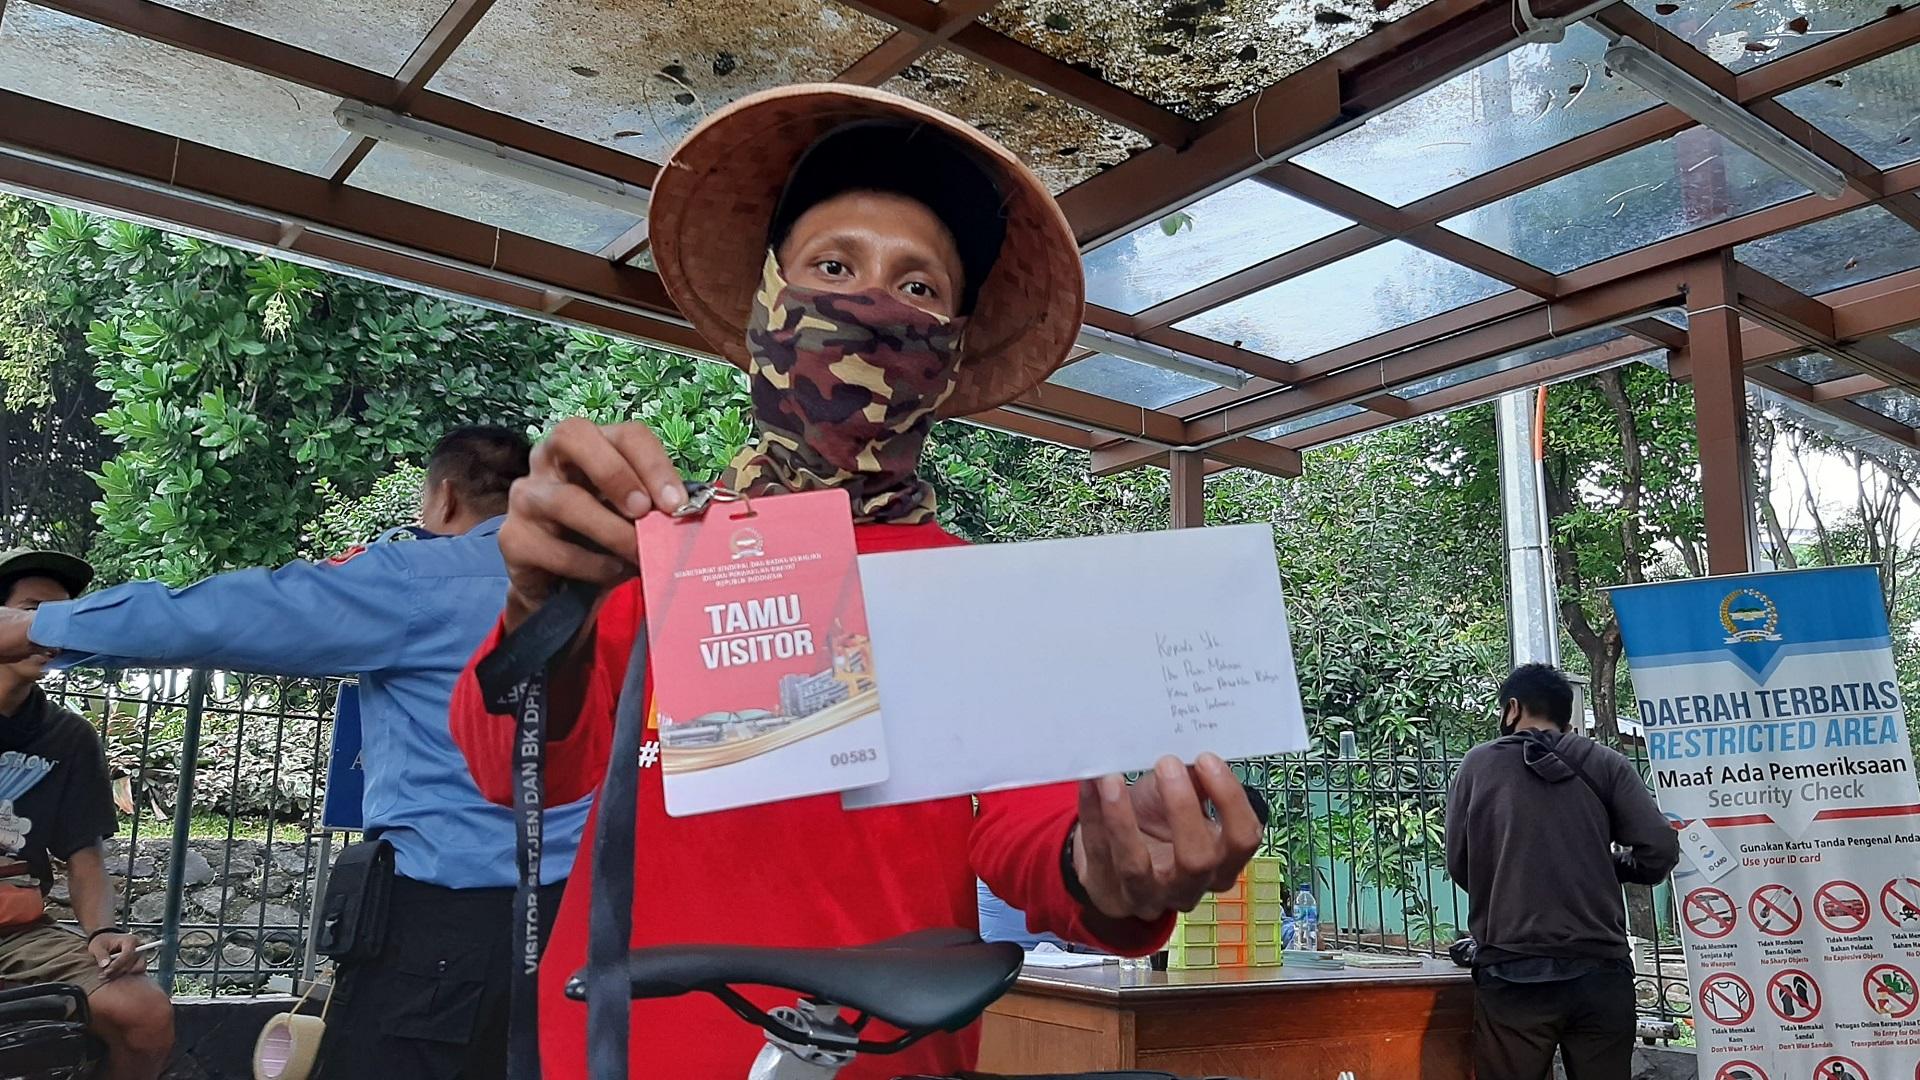 Jarpo menunjukkan kartu identitas pengunjung bersama surat untuk Ketua DPR